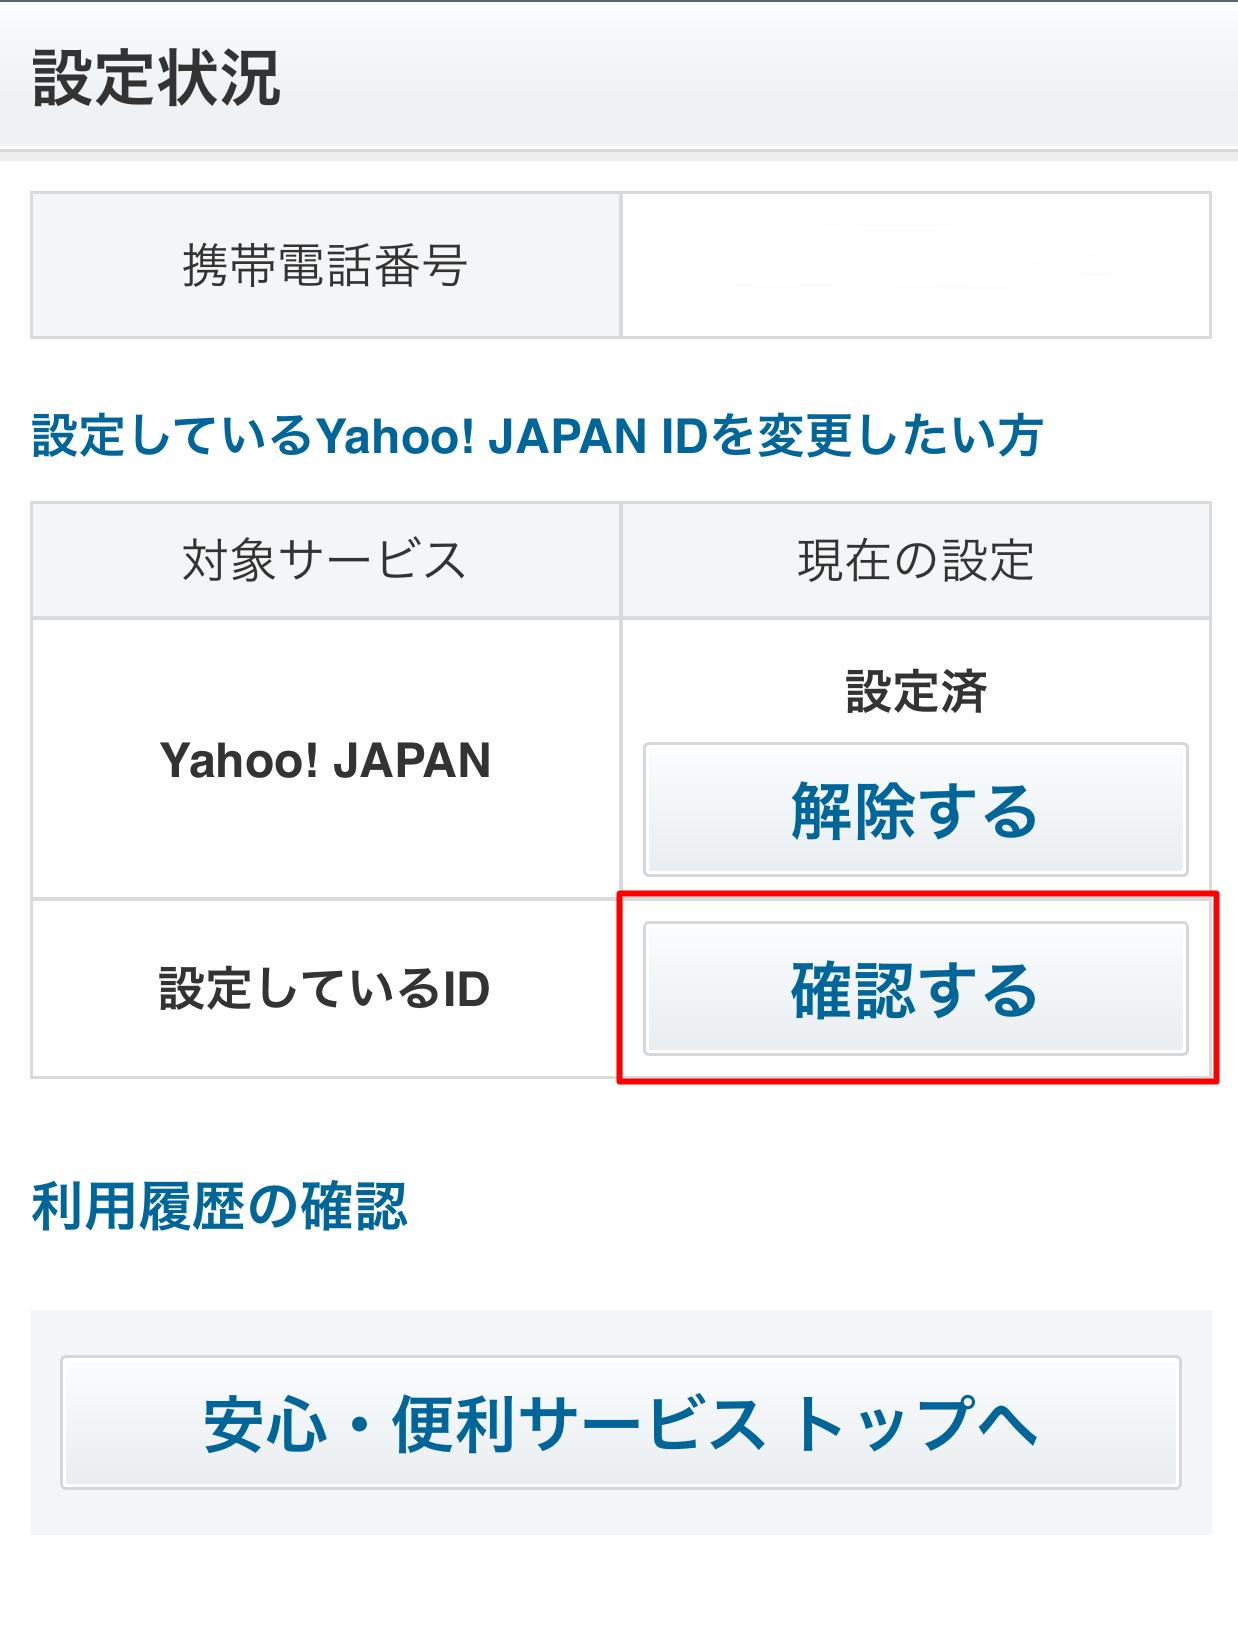 Yahoo! JAPAN スマートログイン...